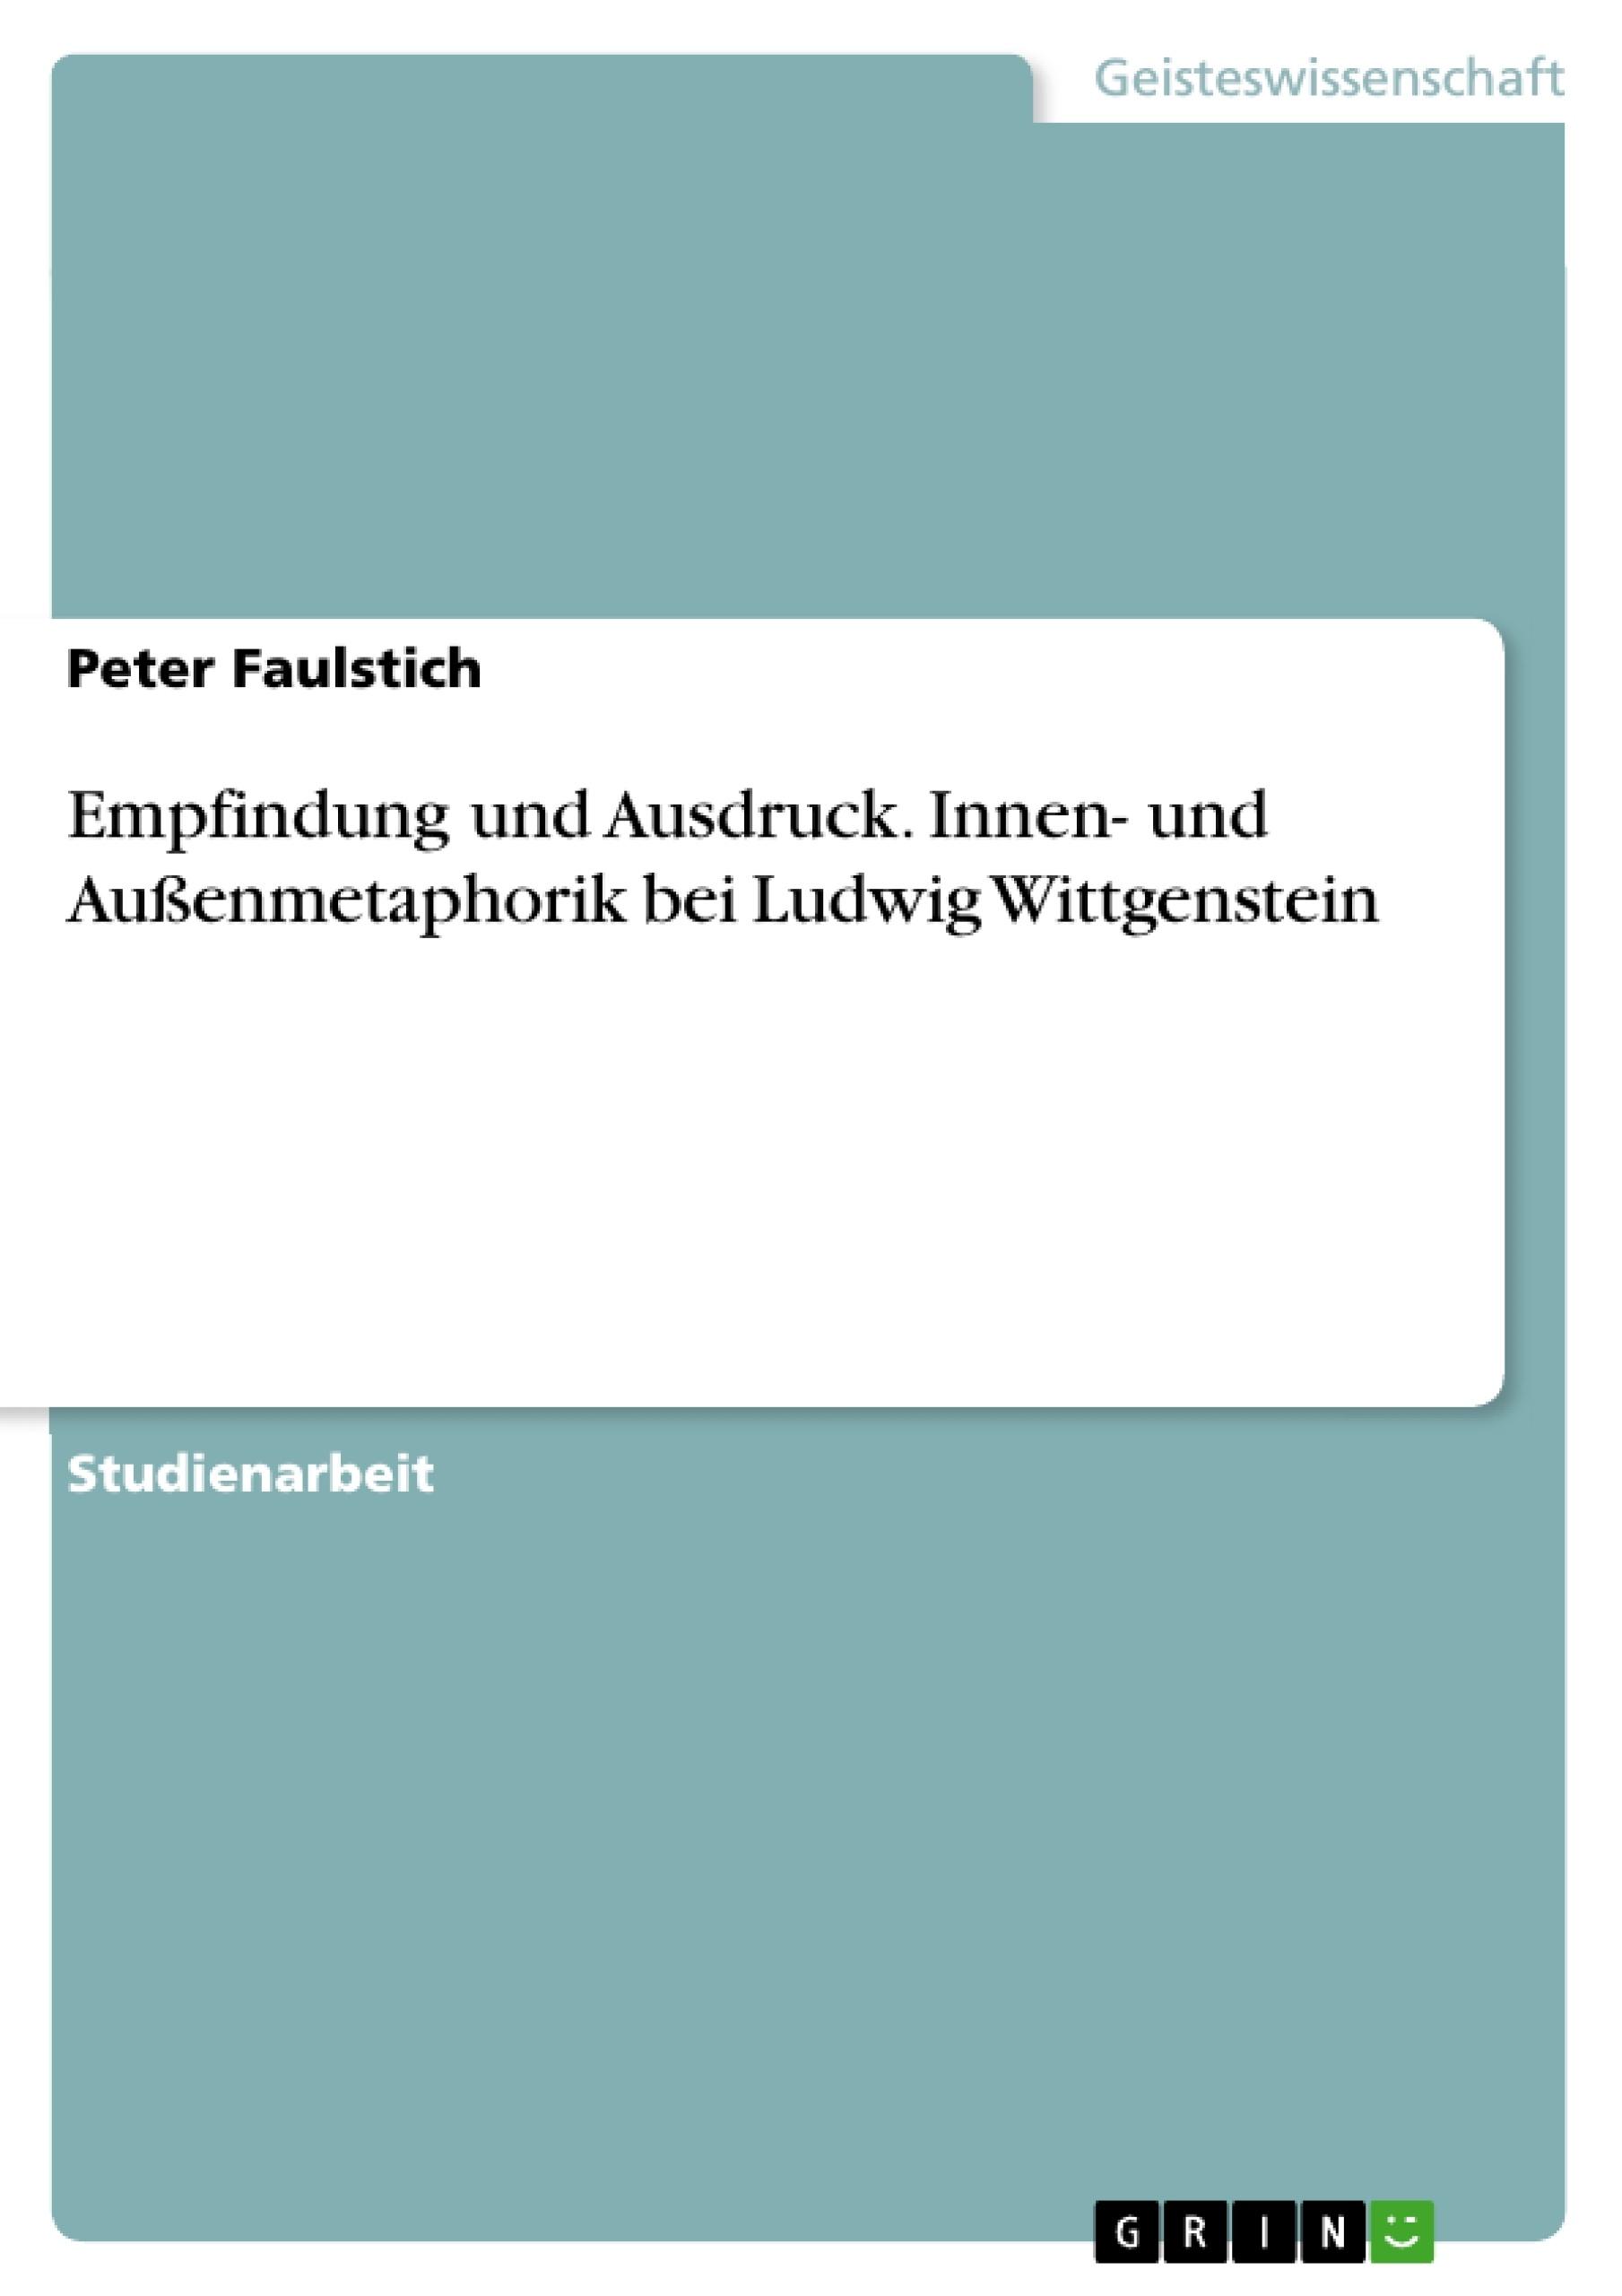 Titel: Empfindung und Ausdruck. Innen- und Außenmetaphorik bei Ludwig Wittgenstein